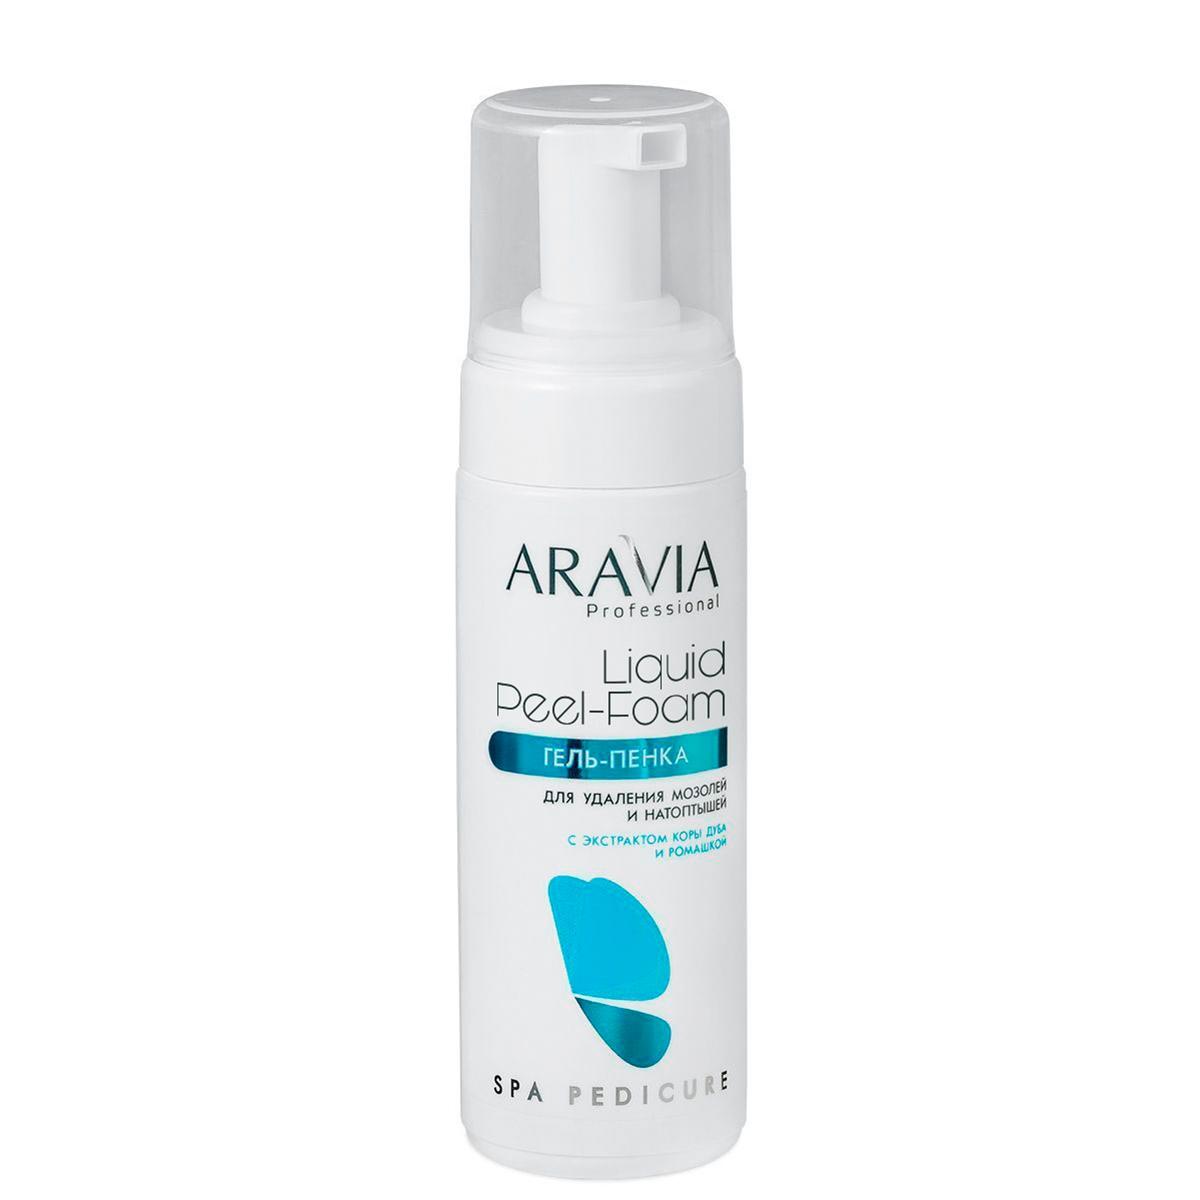 ARAVIA Гель-Пенка для Удаления Мозолей и Натоптышей Liquid Peel-Foam, 160 мл недорого